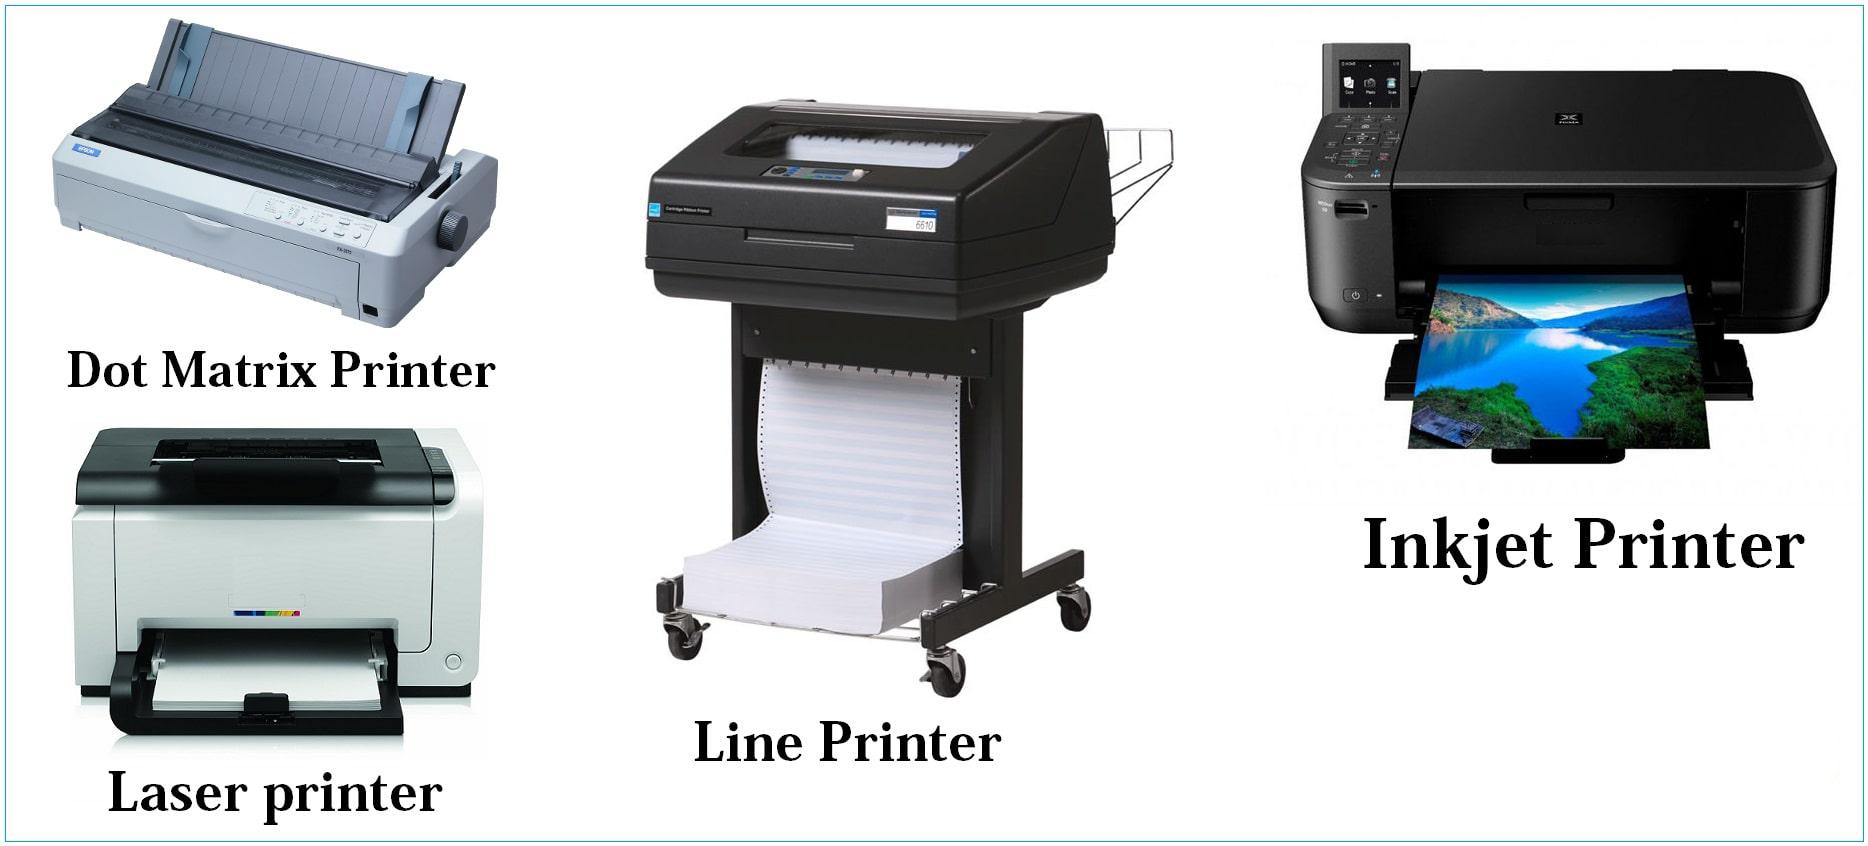 انواع پرینتر (چاپگر) و تعریف آنها بیاتوتخفیف